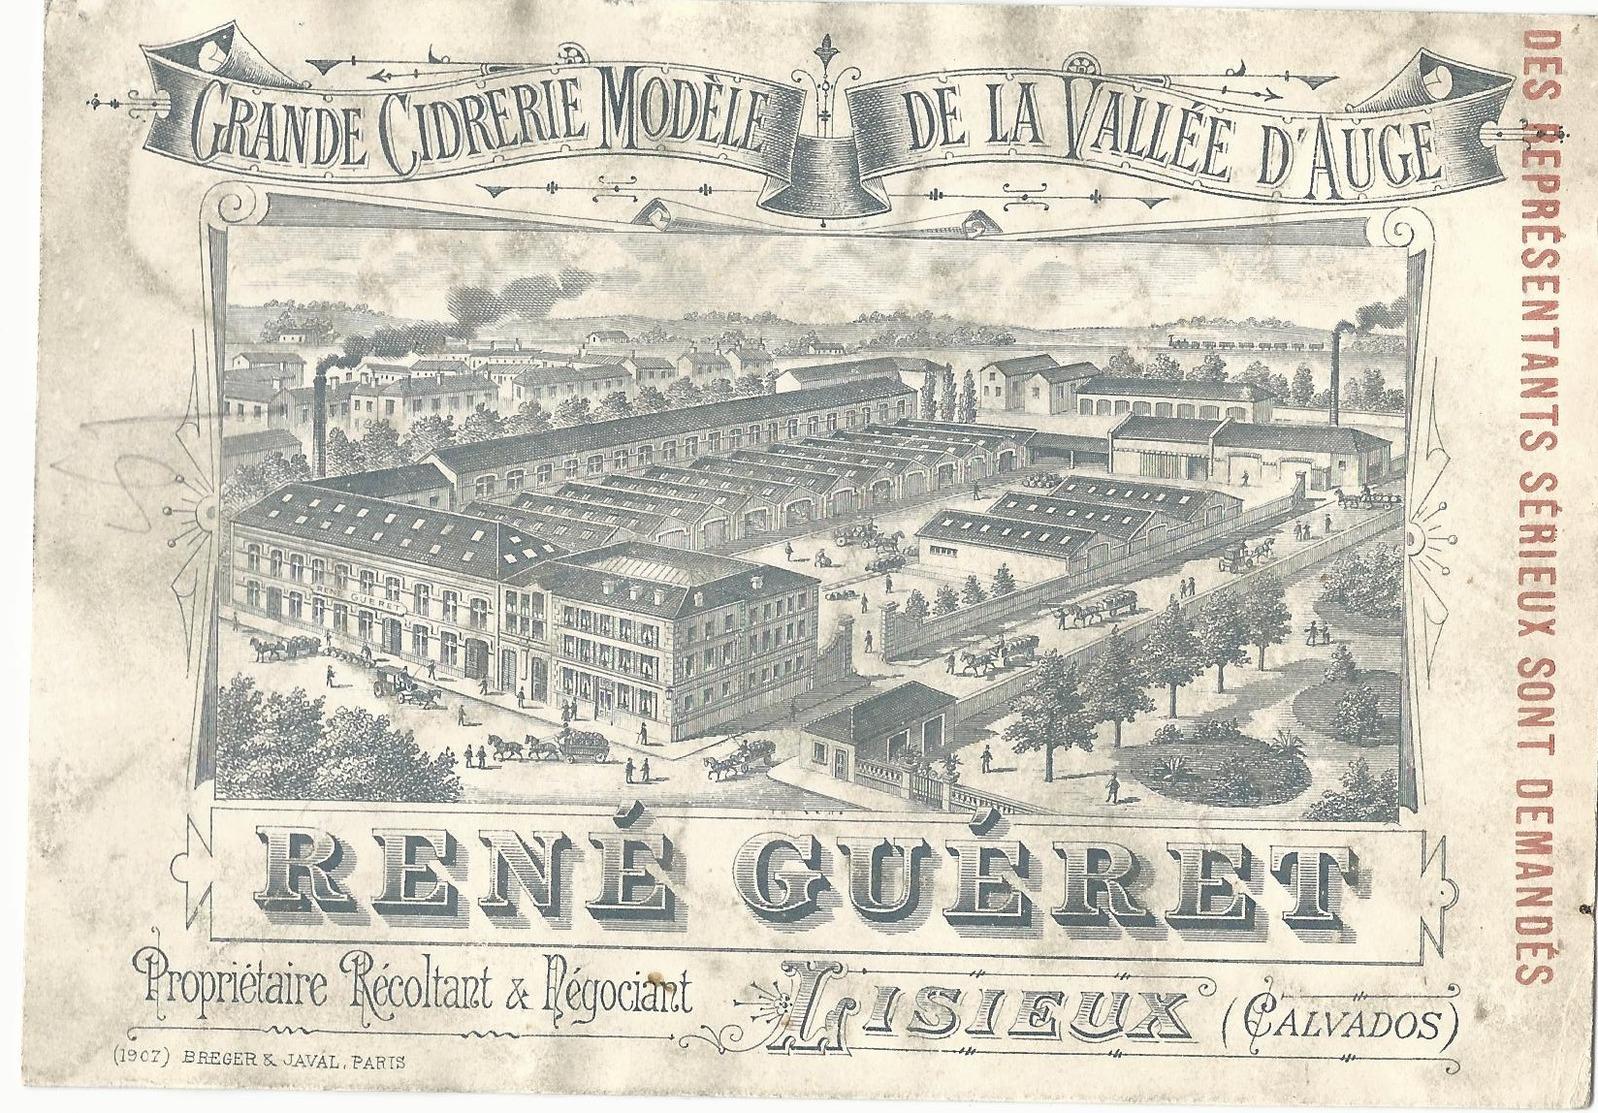 CARTE PUBLICITAIRE ANCIENNE - CIDRERIE DE LA VALLEE D'AUGE - RENE GUERET - LISIEUX - Publicidad